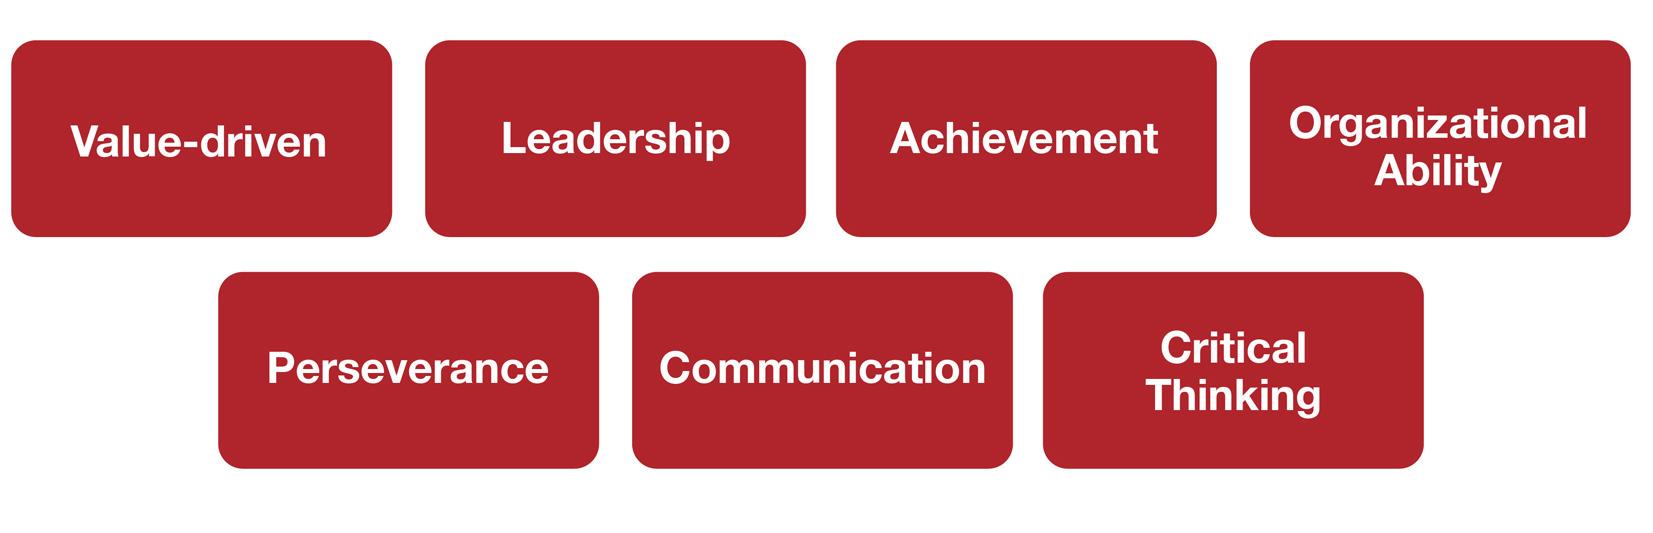 http://teachforlebanon.org/images/uploads/TFL-PROCESS-02.jpg